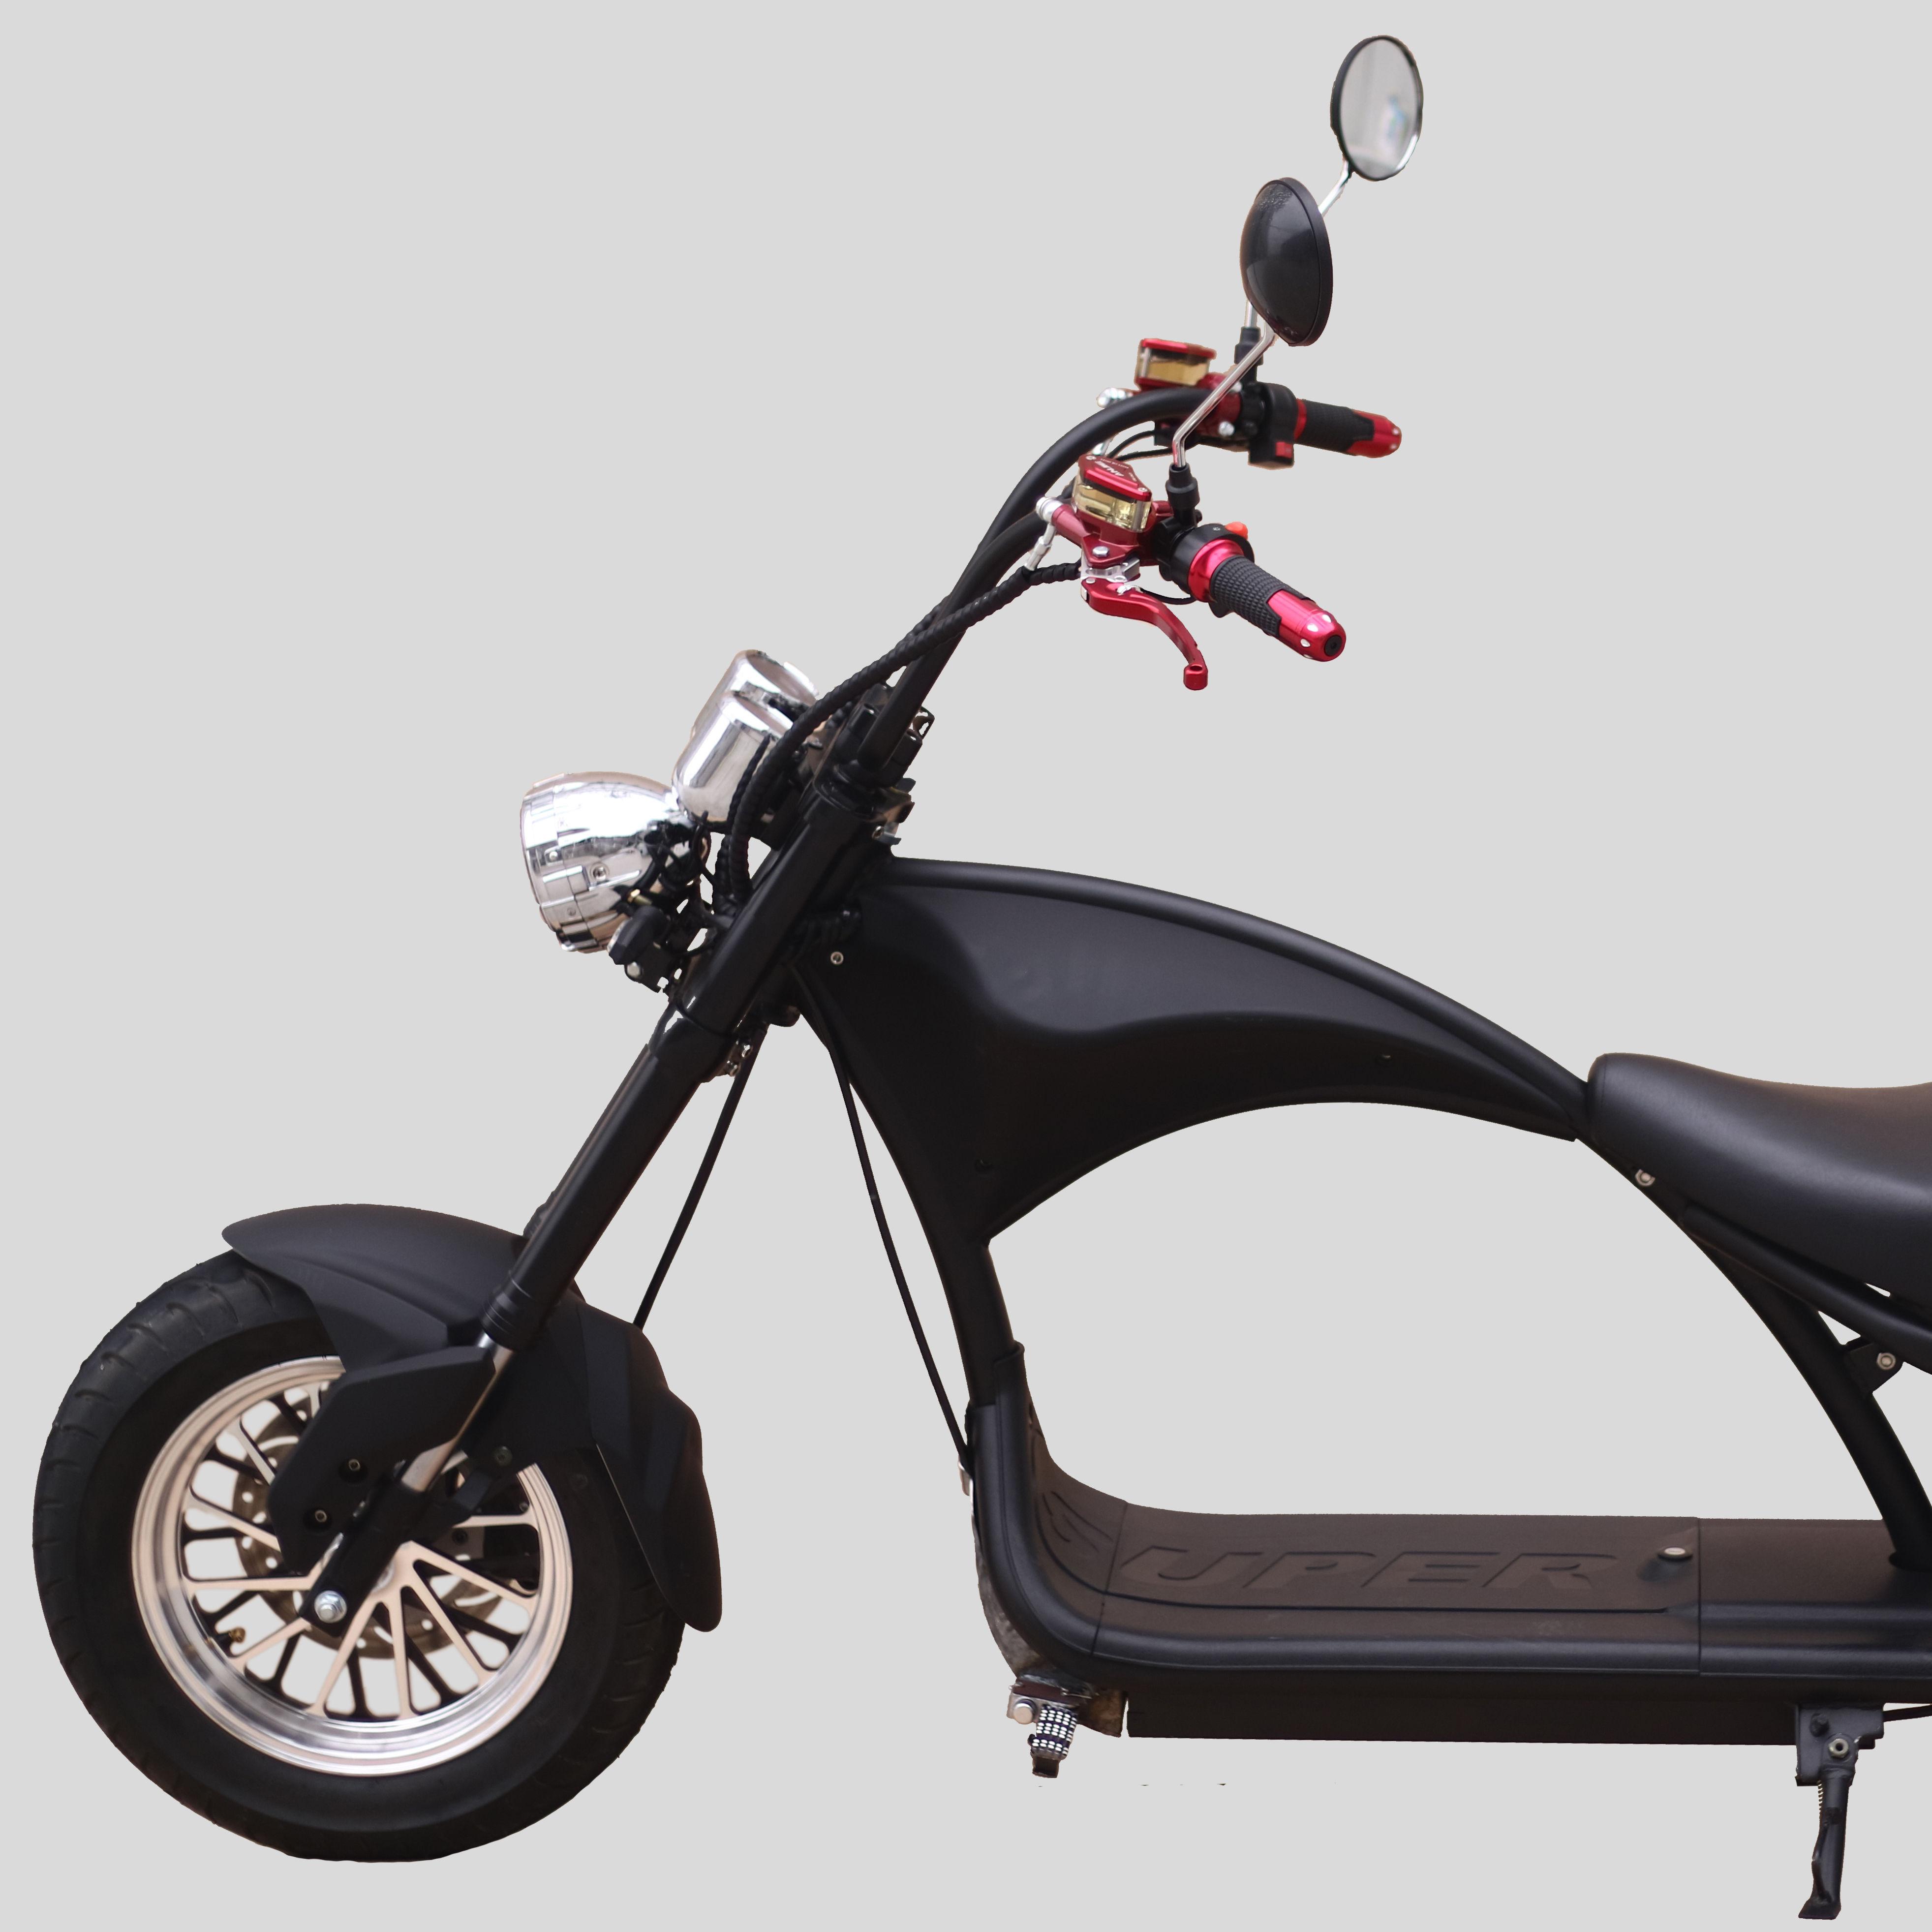 Venda da fábrica Vários Projeto Especial Amplamente Utilizado Preço Scooter Elétrico China